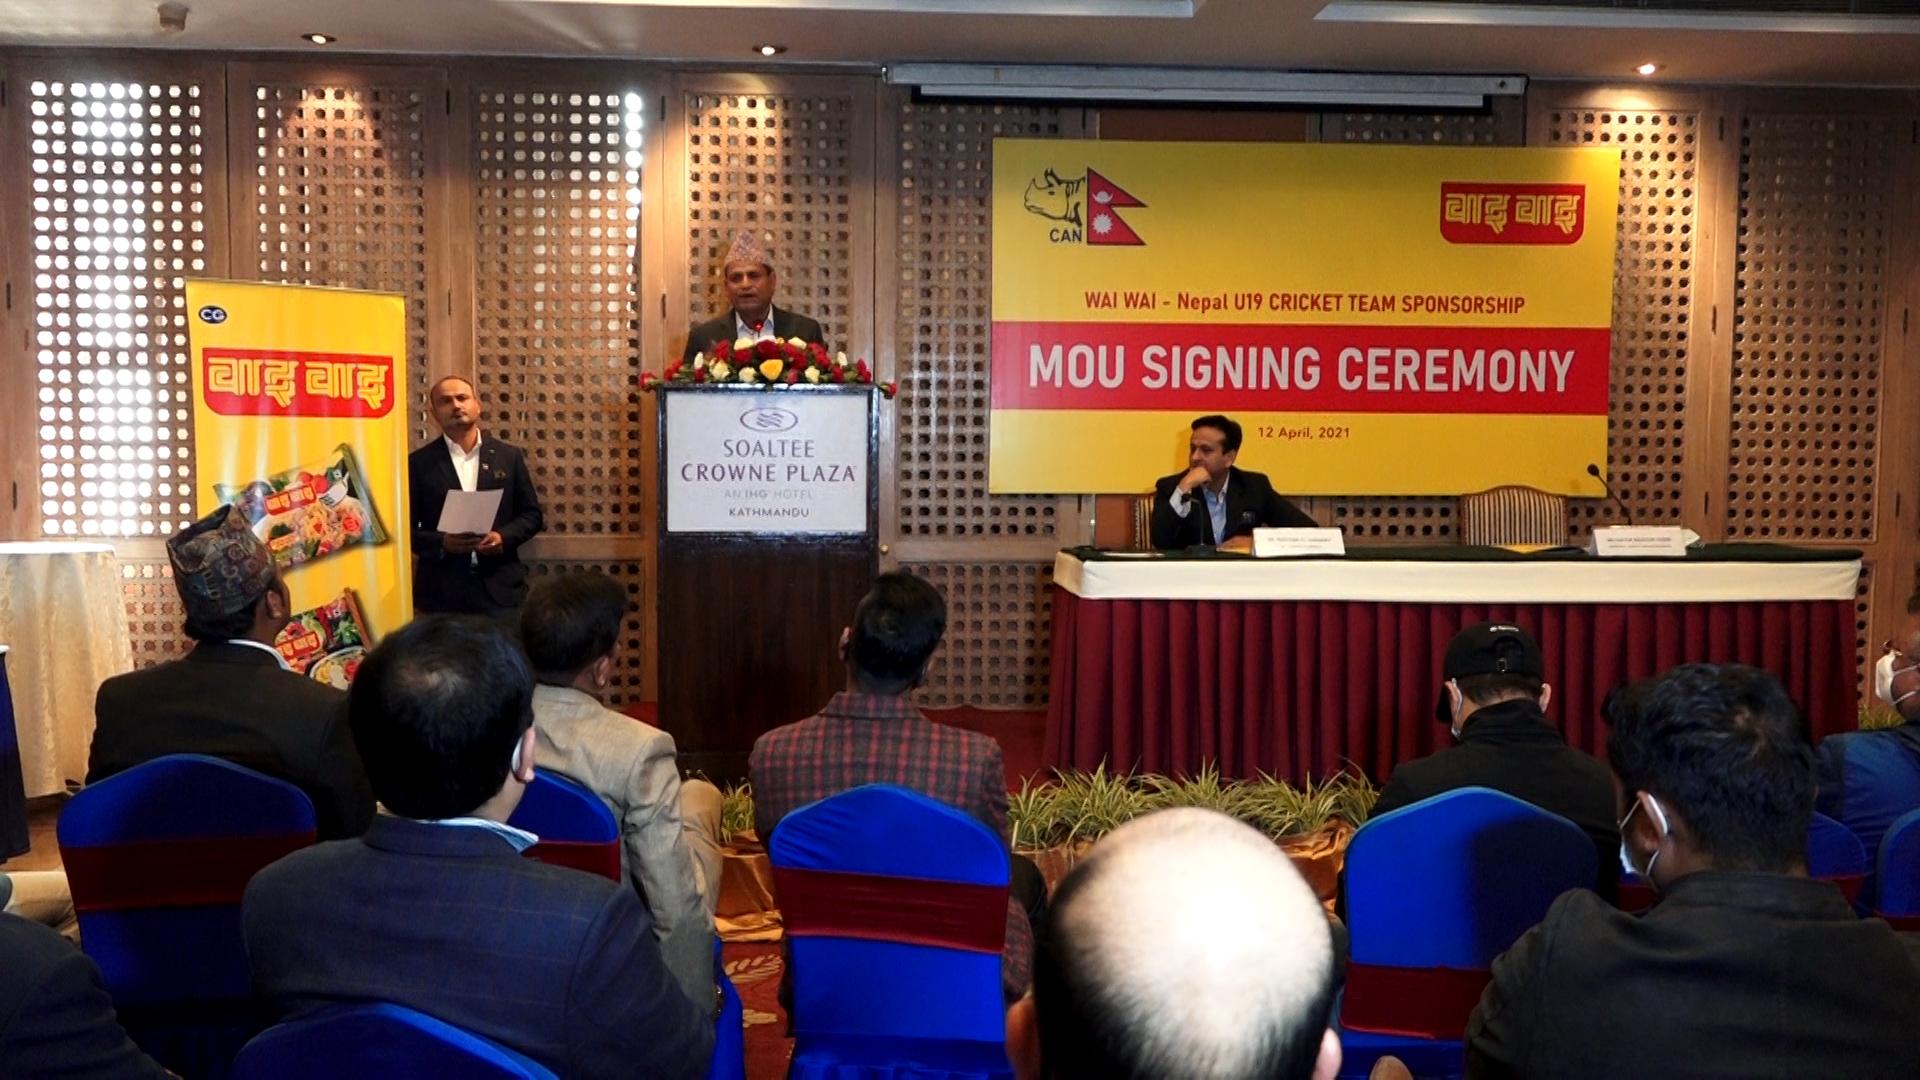 नेपाल क्रिकेट संघ (क्यान) र चौधरी ग्रुपबीच सम्झौता